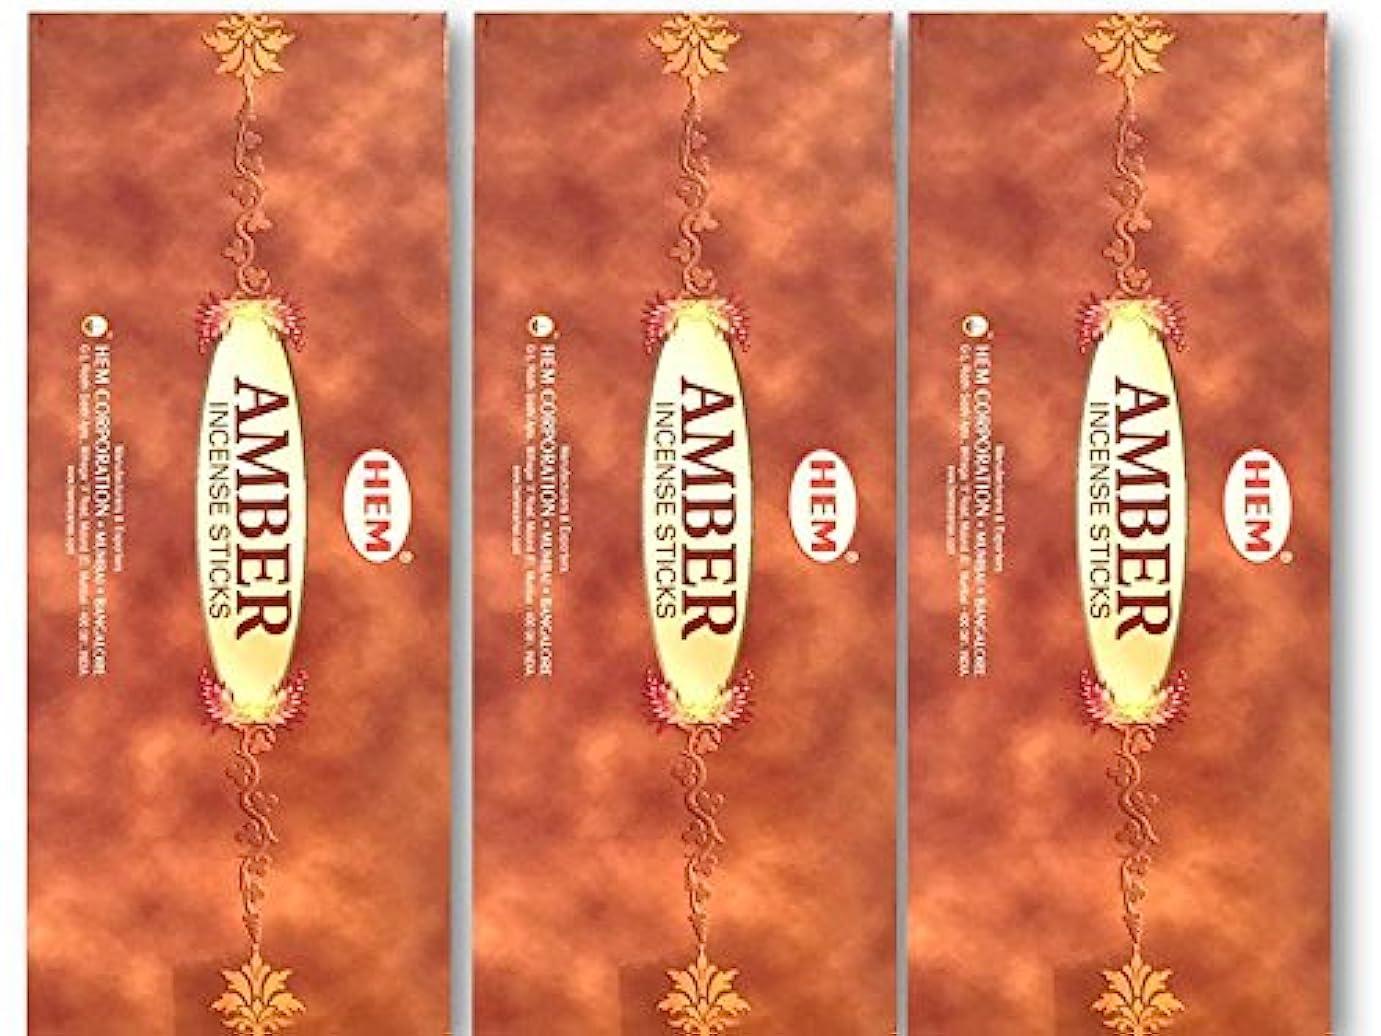 オートマトンバルセロナ兵士HEM(ヘム) スティックお香/六角香/ヘキサパック(18箱)3ケースセット (アンバー)